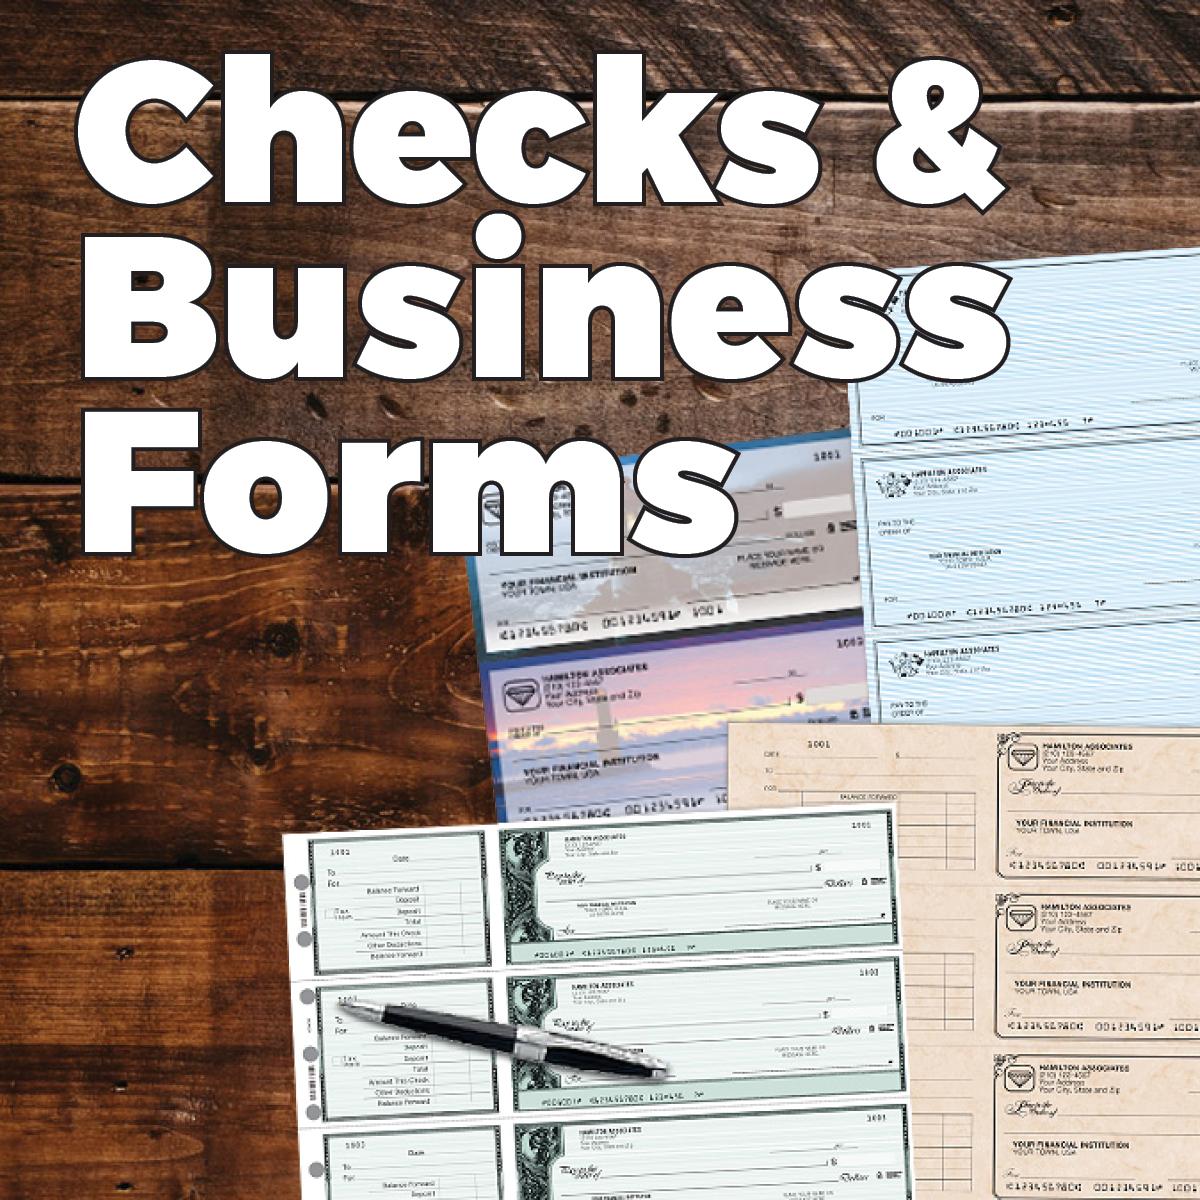 Checks & Business Forms